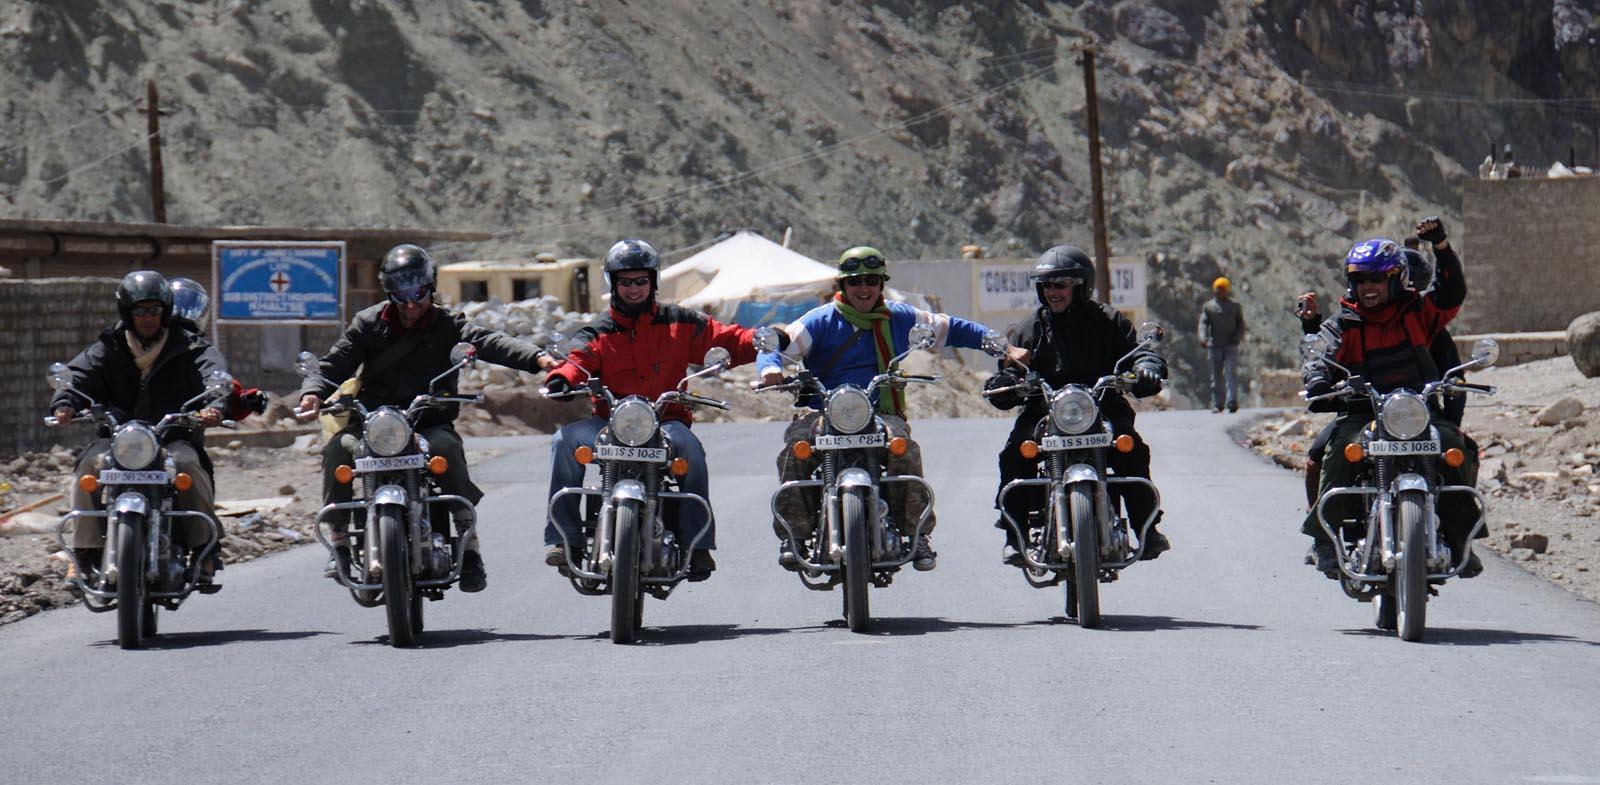 Voyage à moto au Ladakh – Mini trip en Royal Enfield dans l'Himalaya